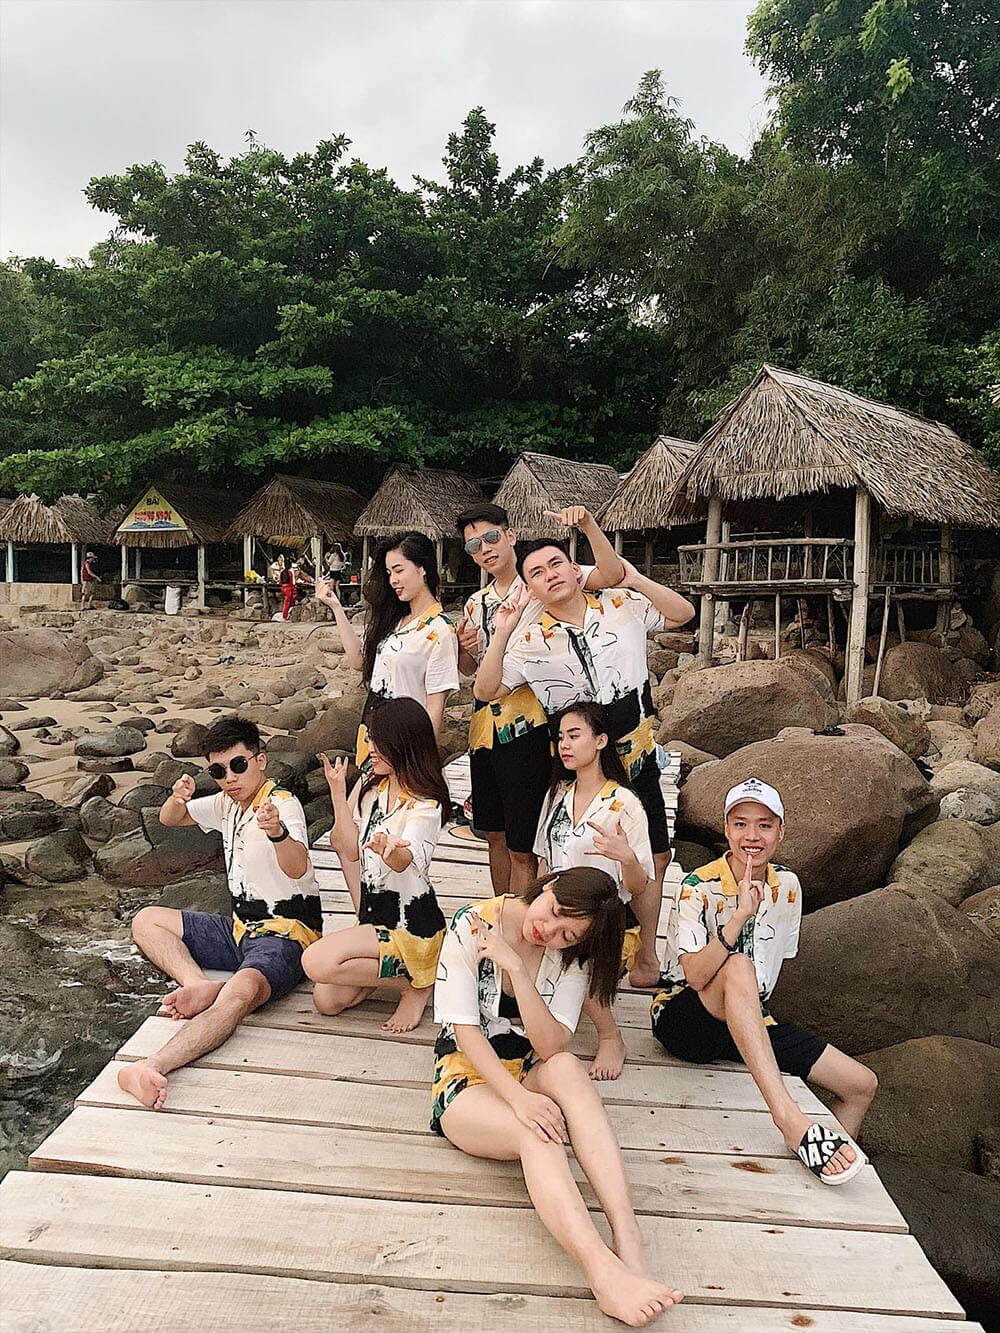 Bai Da Obama Review Lich Trinh Da Nang Hoi An 5n4d Phu Hop Voi Nhom Ban Than